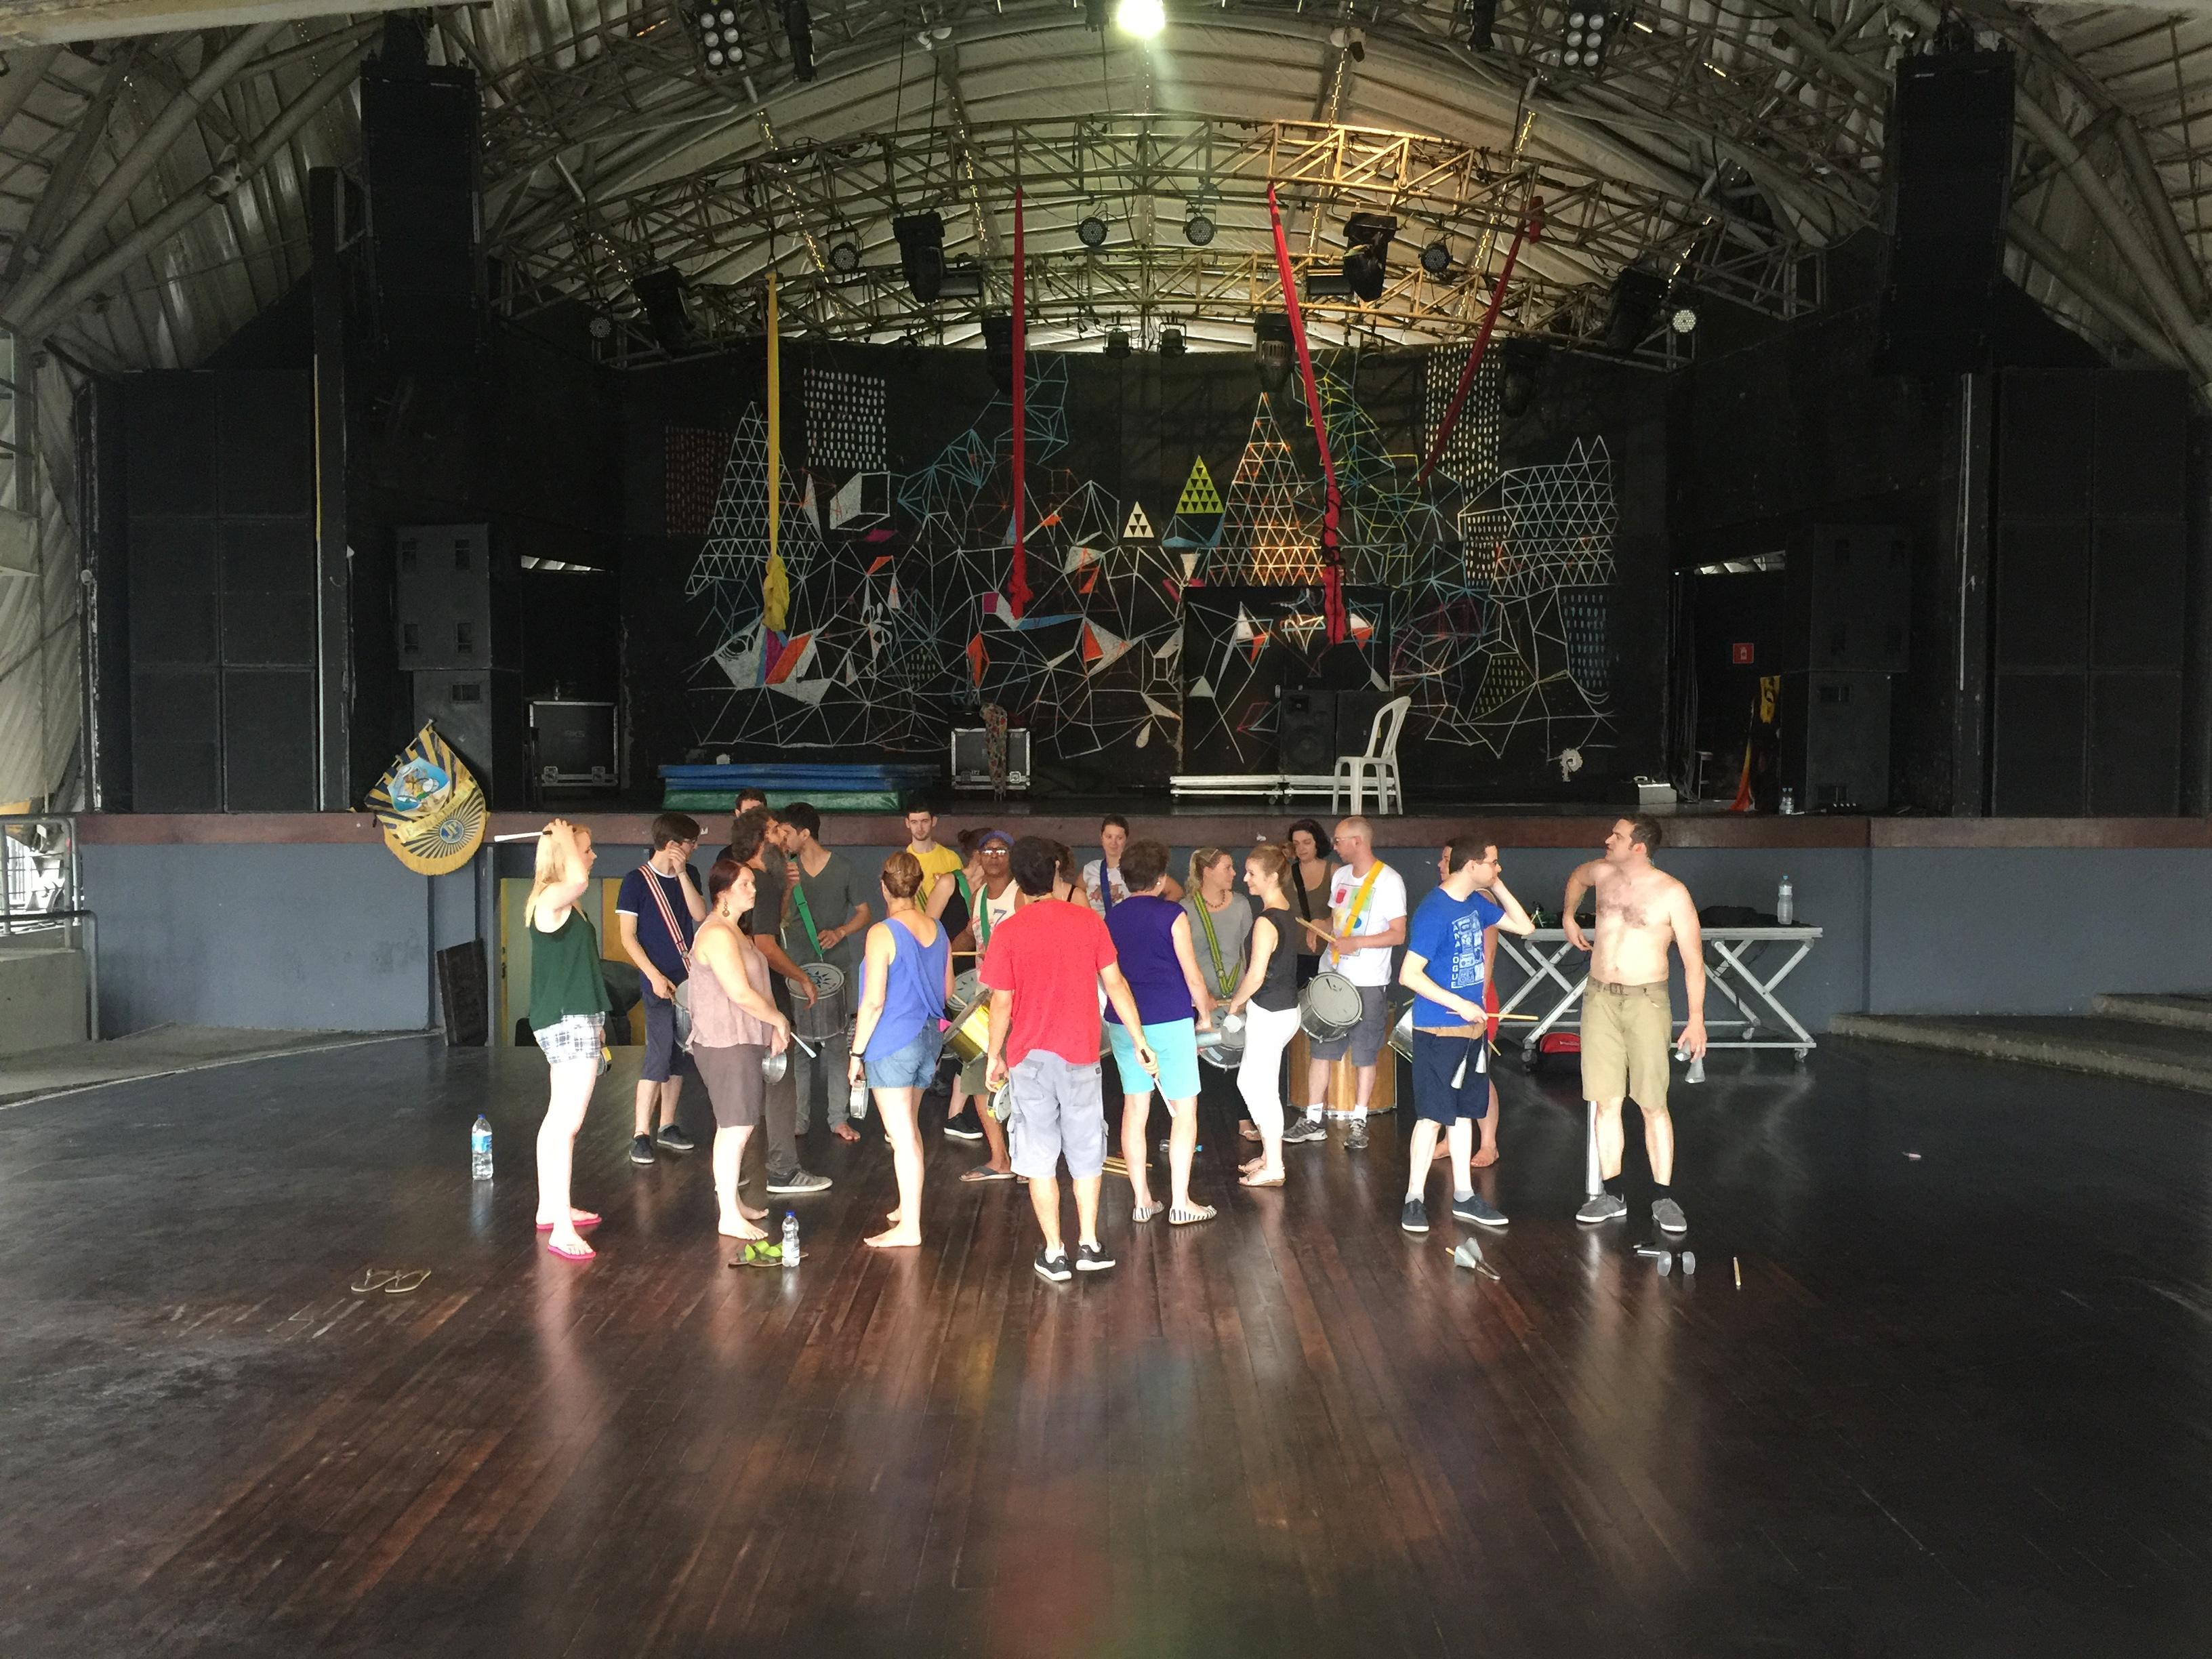 Du Rio at Circo Voador